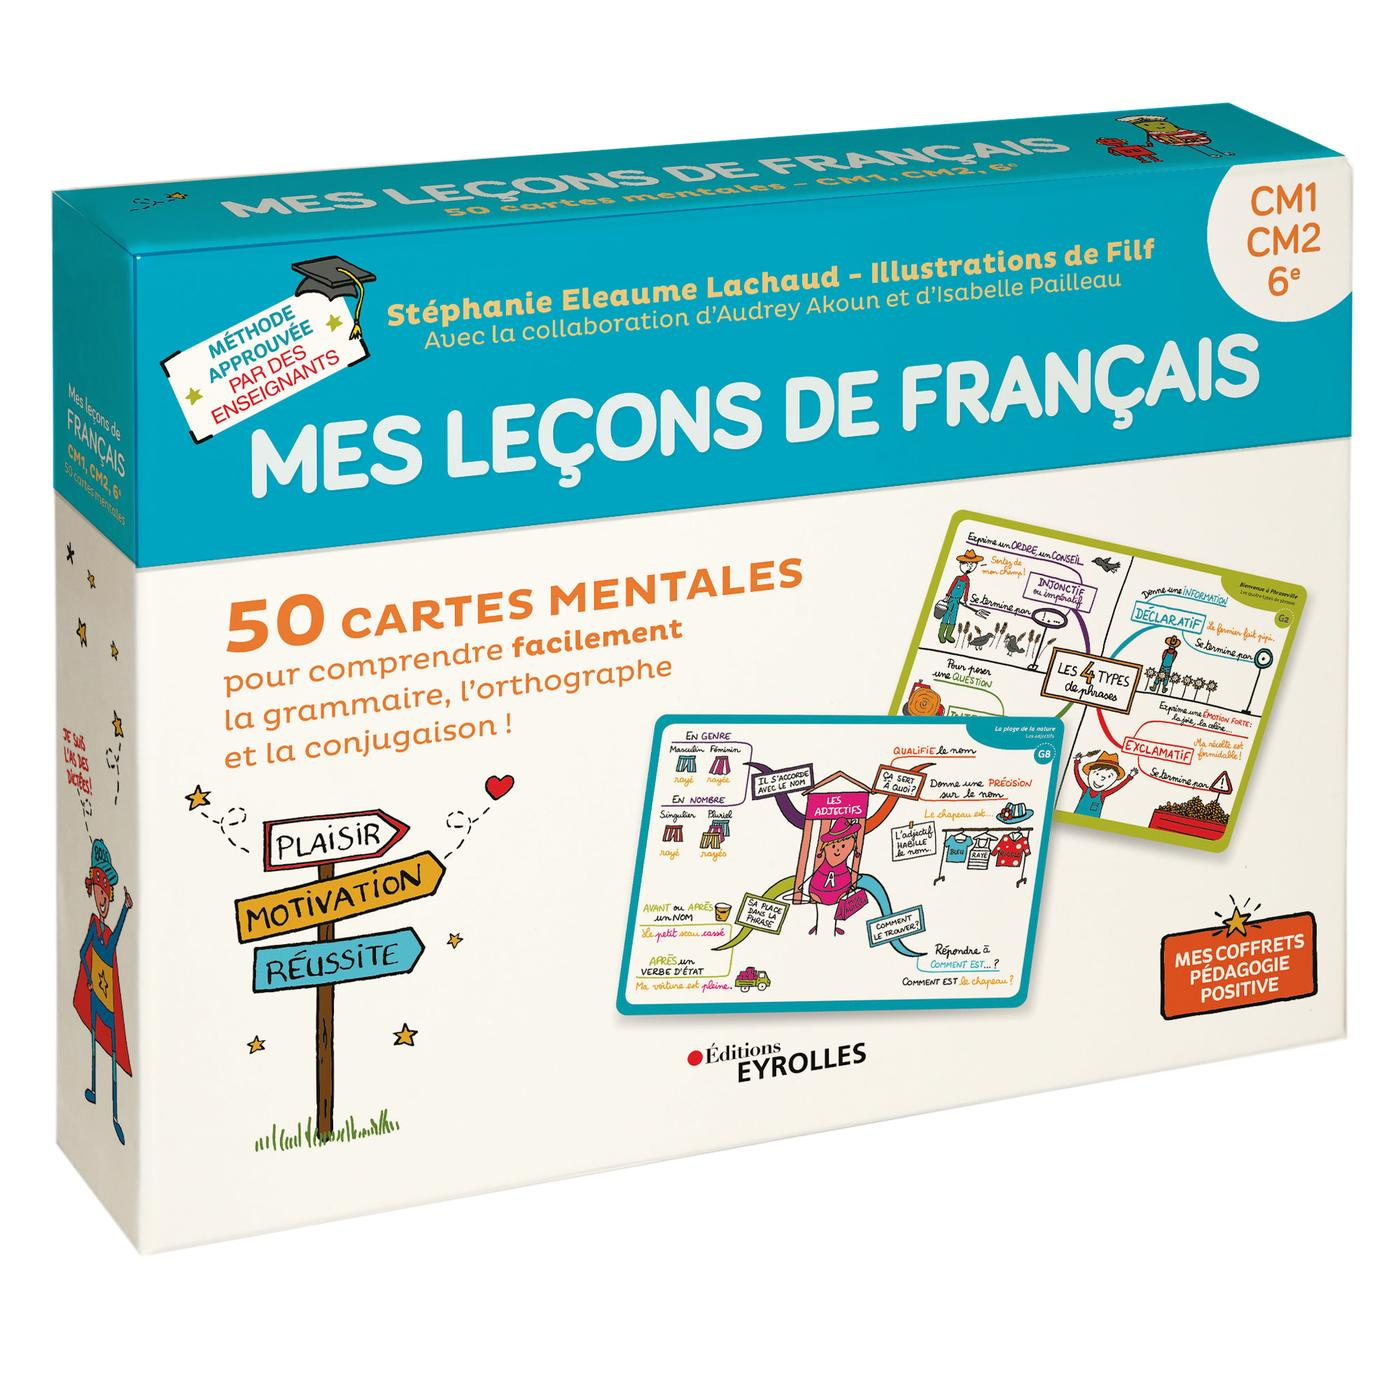 Mes Lecons De Francais Cm1 Cm2 6e S Eleaume Lachaud Filf Librairie Eyrolles